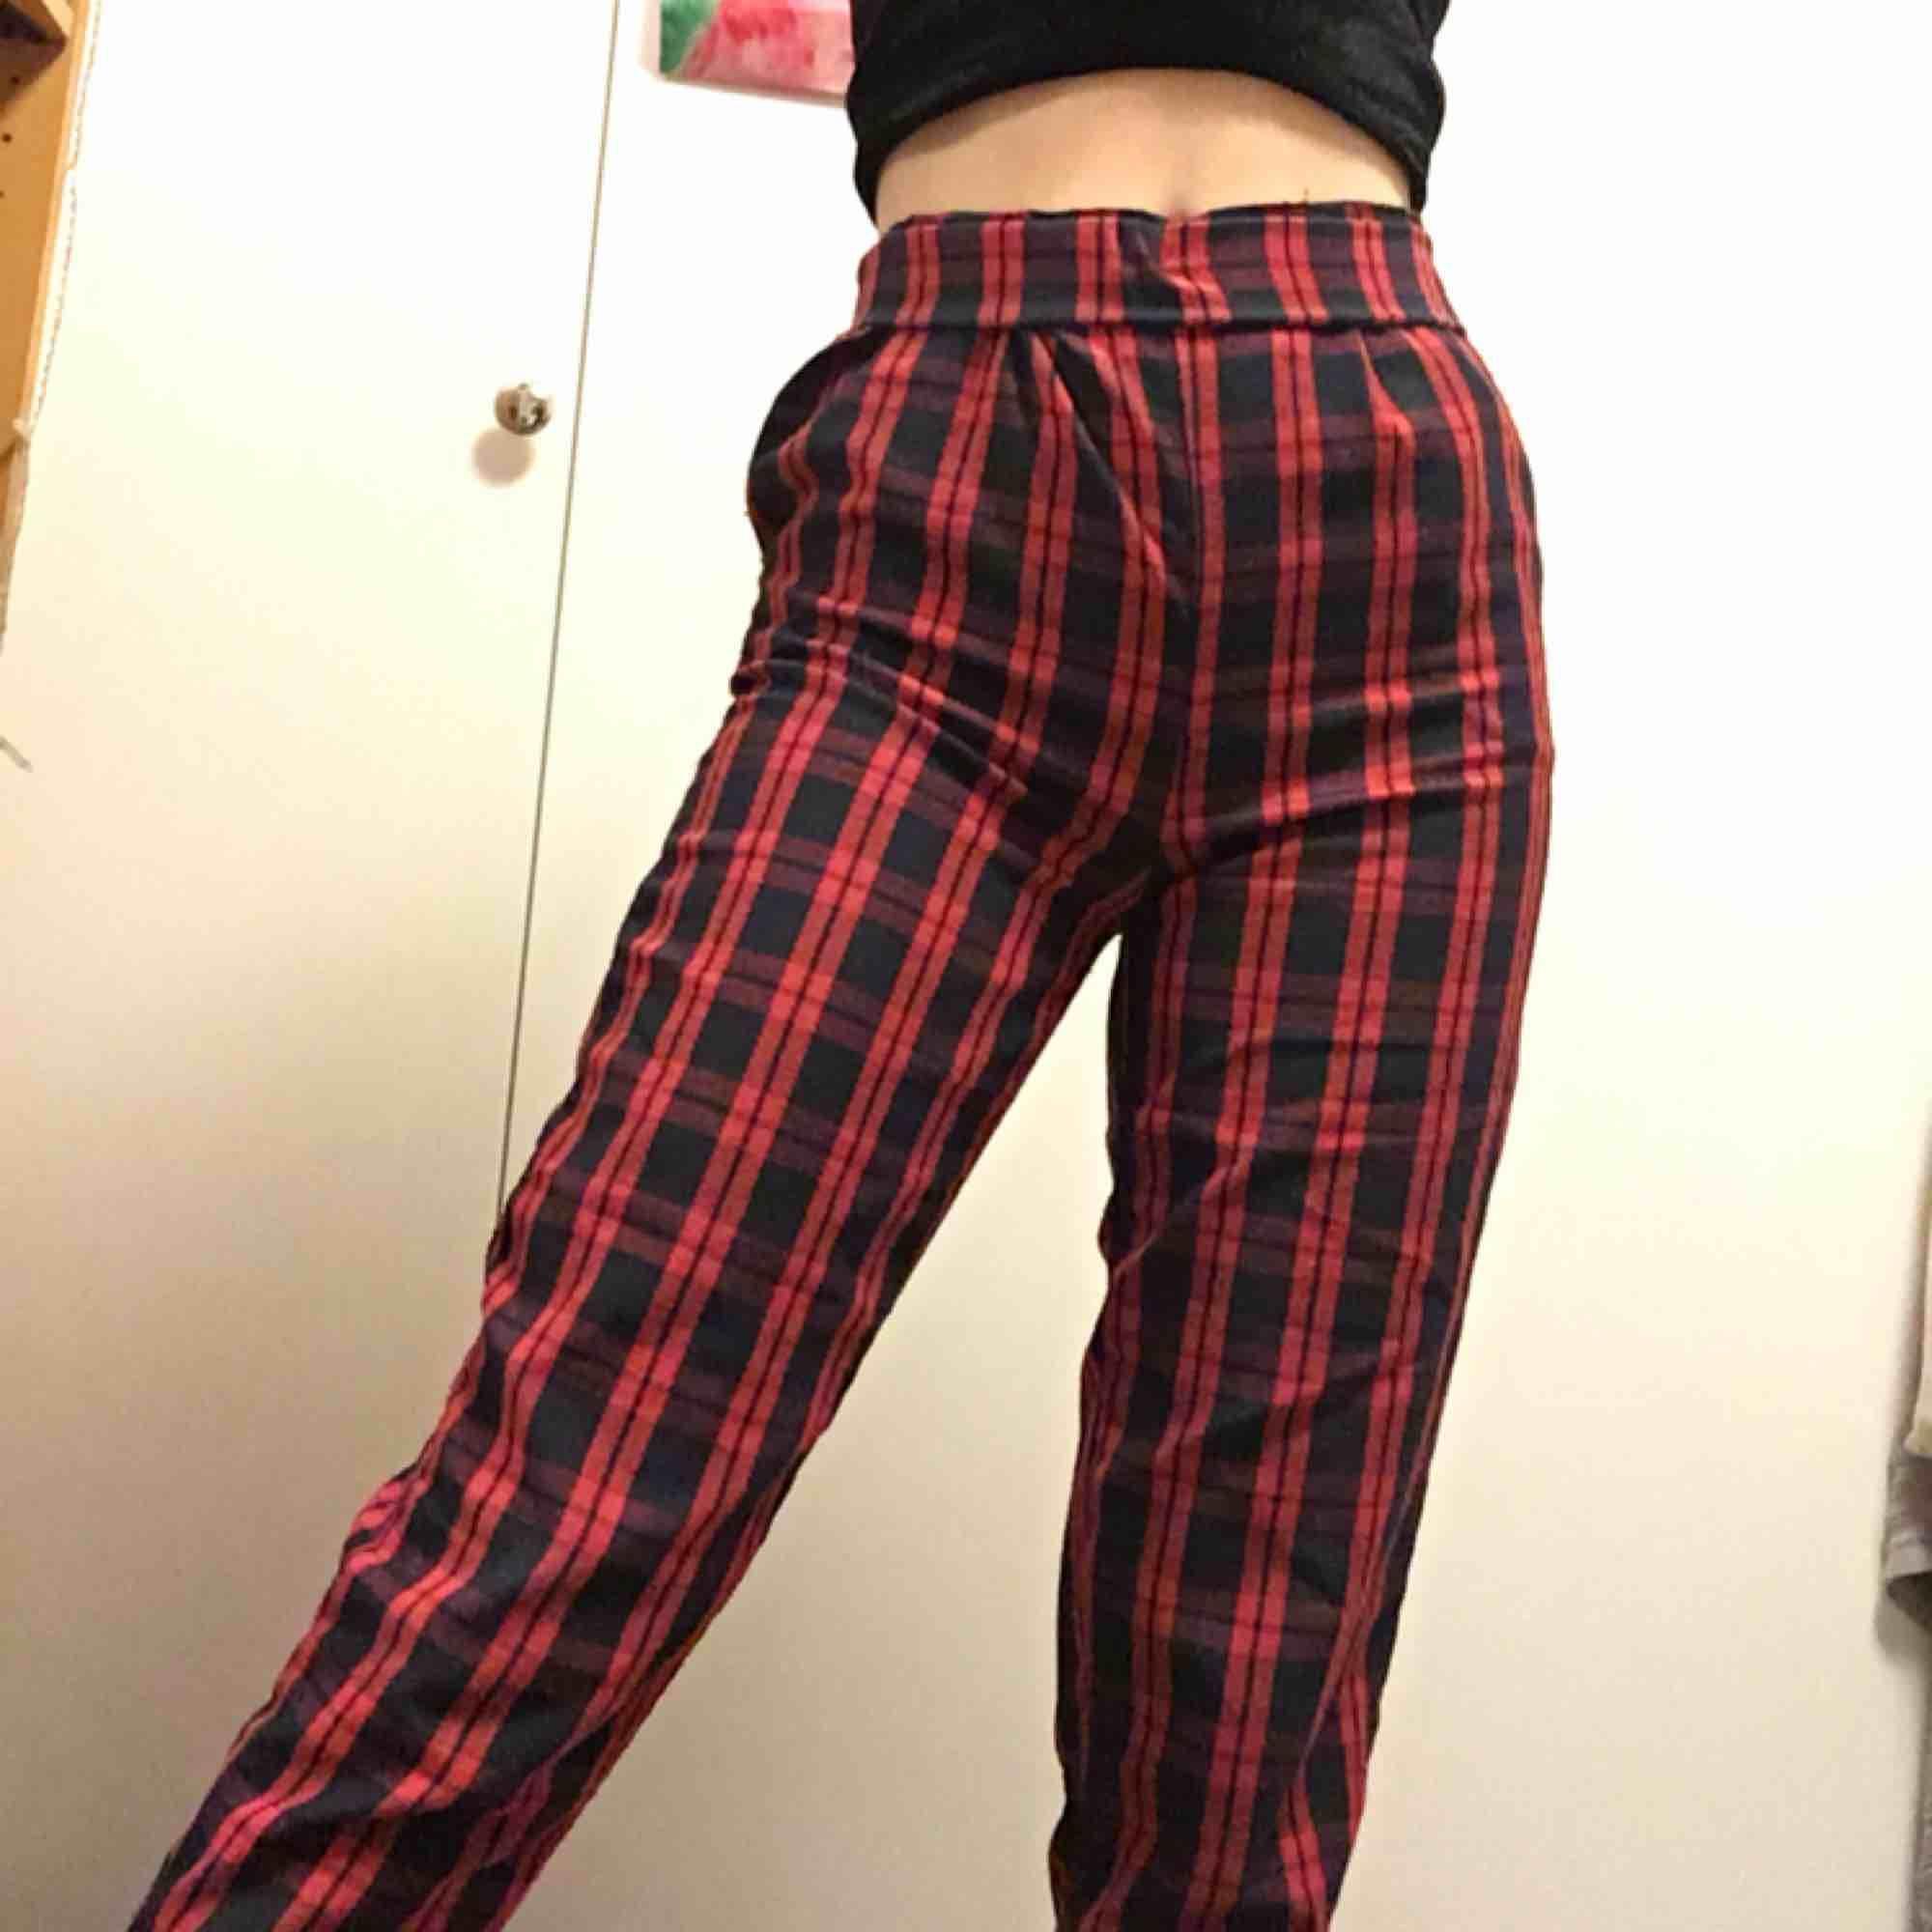 Säljer dessa högmidjade byxor från Pull and bear! Lite noppiga på baksidan men inget som syns om man inte är väldigt nära, annars riktigt balla brallor;-) köparen står för frakt: 55 kr🌹. Jeans & Byxor.